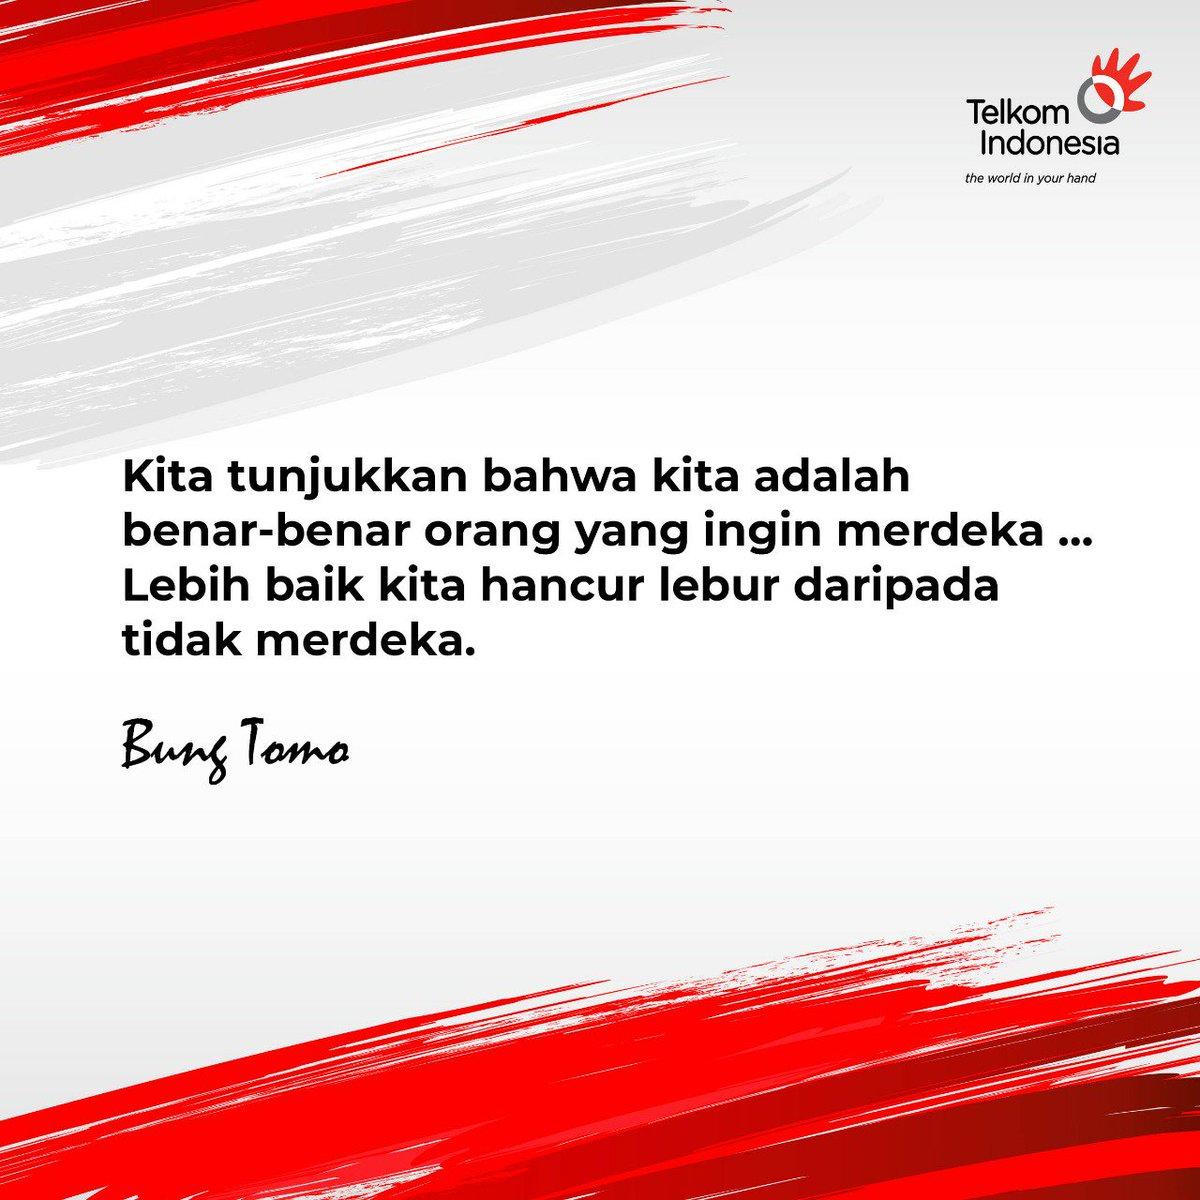 Telkom Indonesia On Twitter Kata Kata Mutiara Sejarah Bangsa Menjadi Inpirasi Bagi Persatuan Dan Kemajuan Bangsa Indonesia 73thnindonesiabumnhadiruntuknegeri Asiangames2018 Https T Co F4njazj5pt